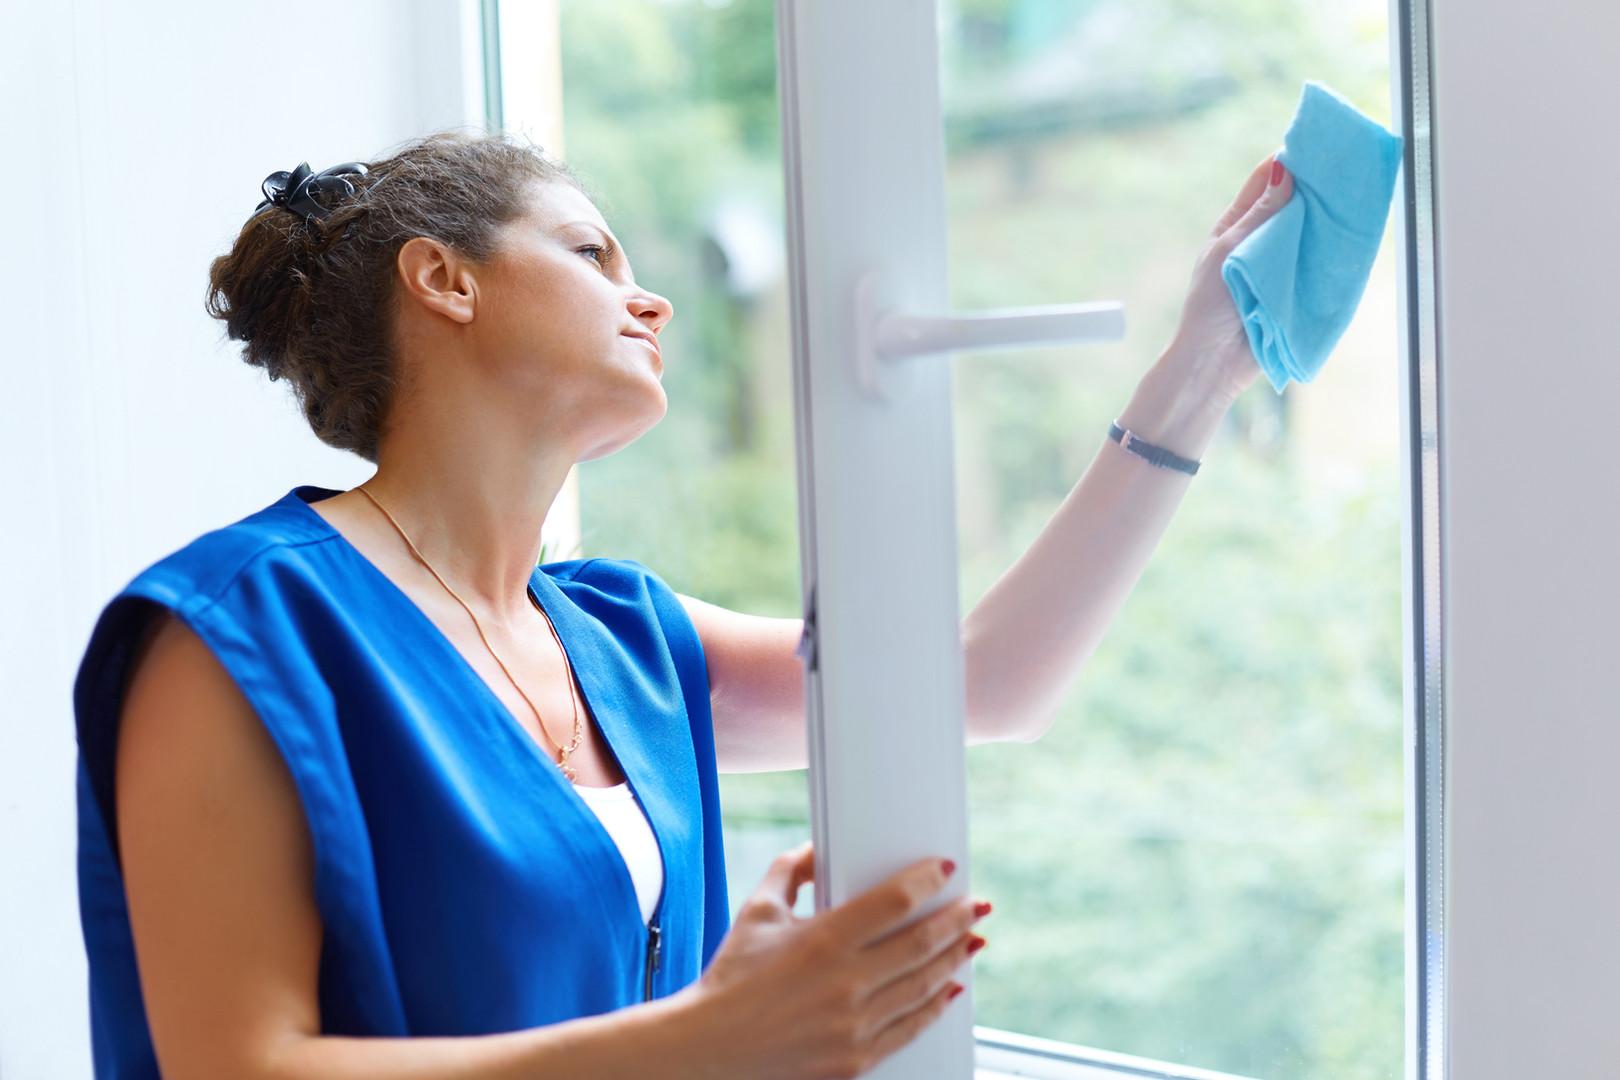 Limpiando la ventana